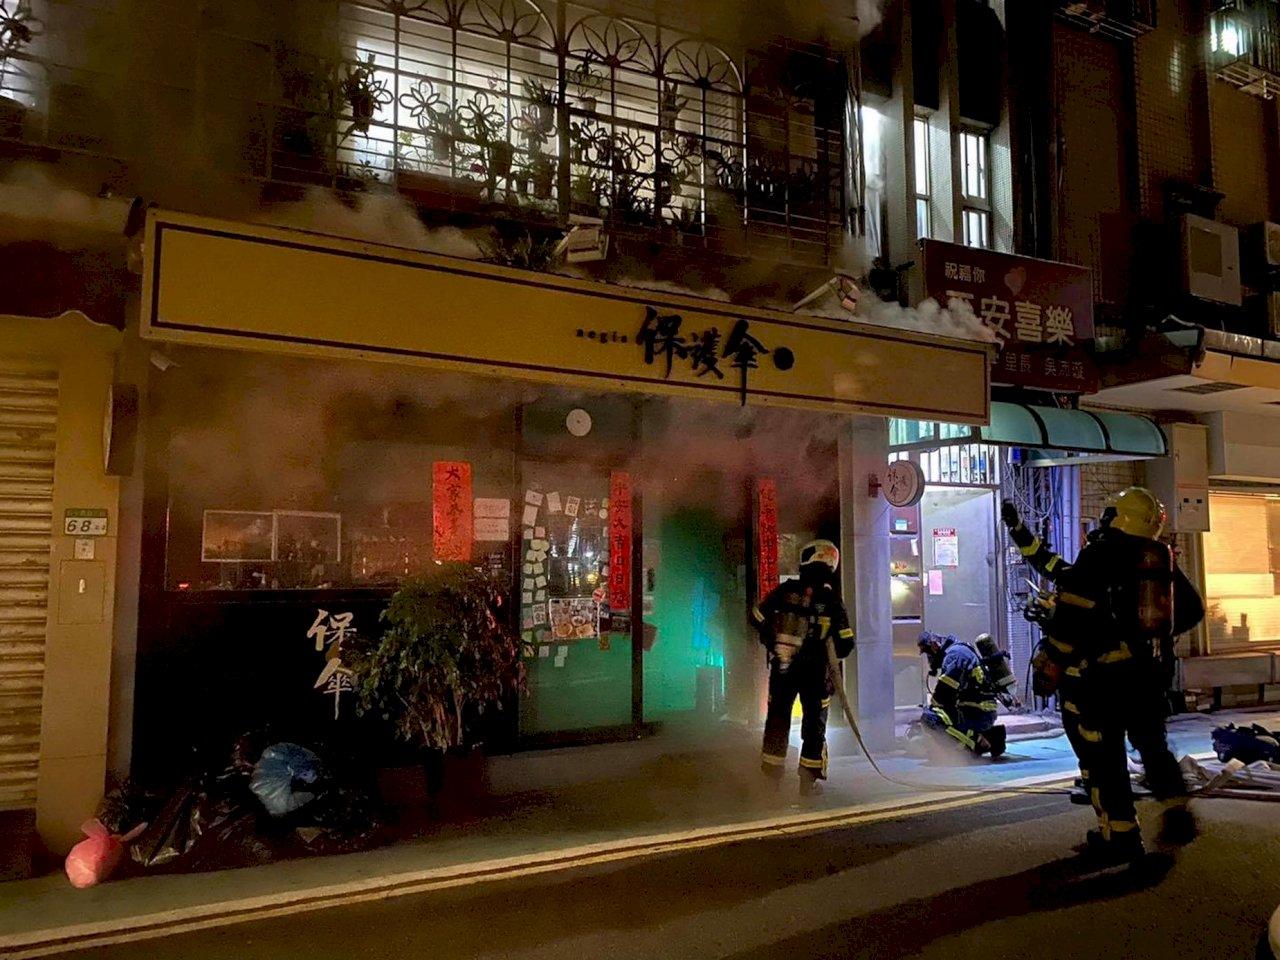 心血化為灰燼!台庇謢港人「保護傘」商店凌晨起火